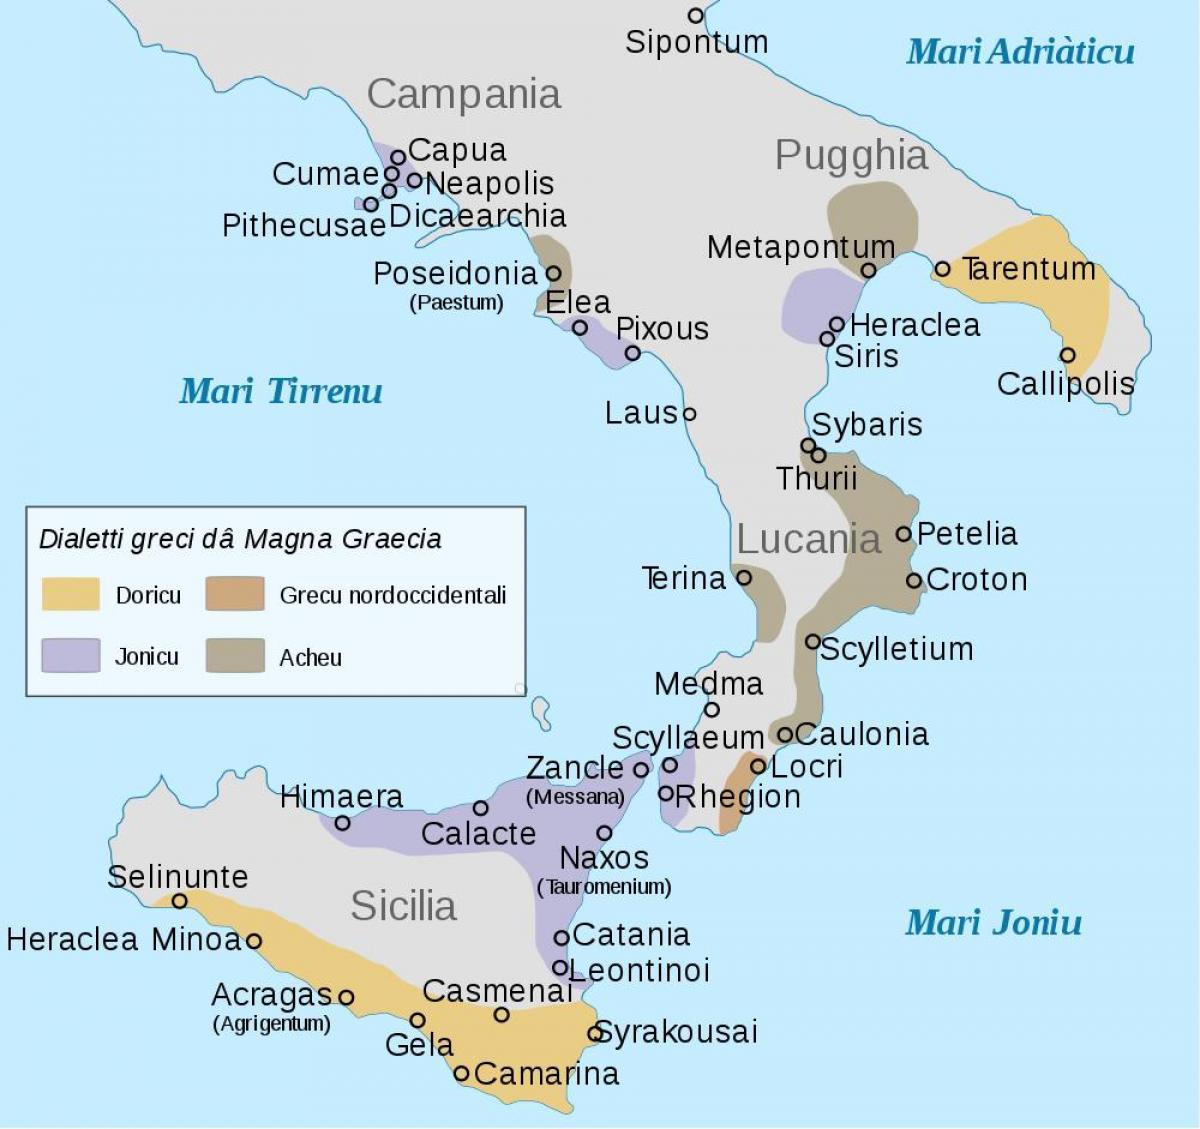 Cartina Sud Italia E Isole.Sud Italia Isole Sulla Mappa Mappa Dell Italia Meridionale E Nelle Isole Europa Del Sud Europa